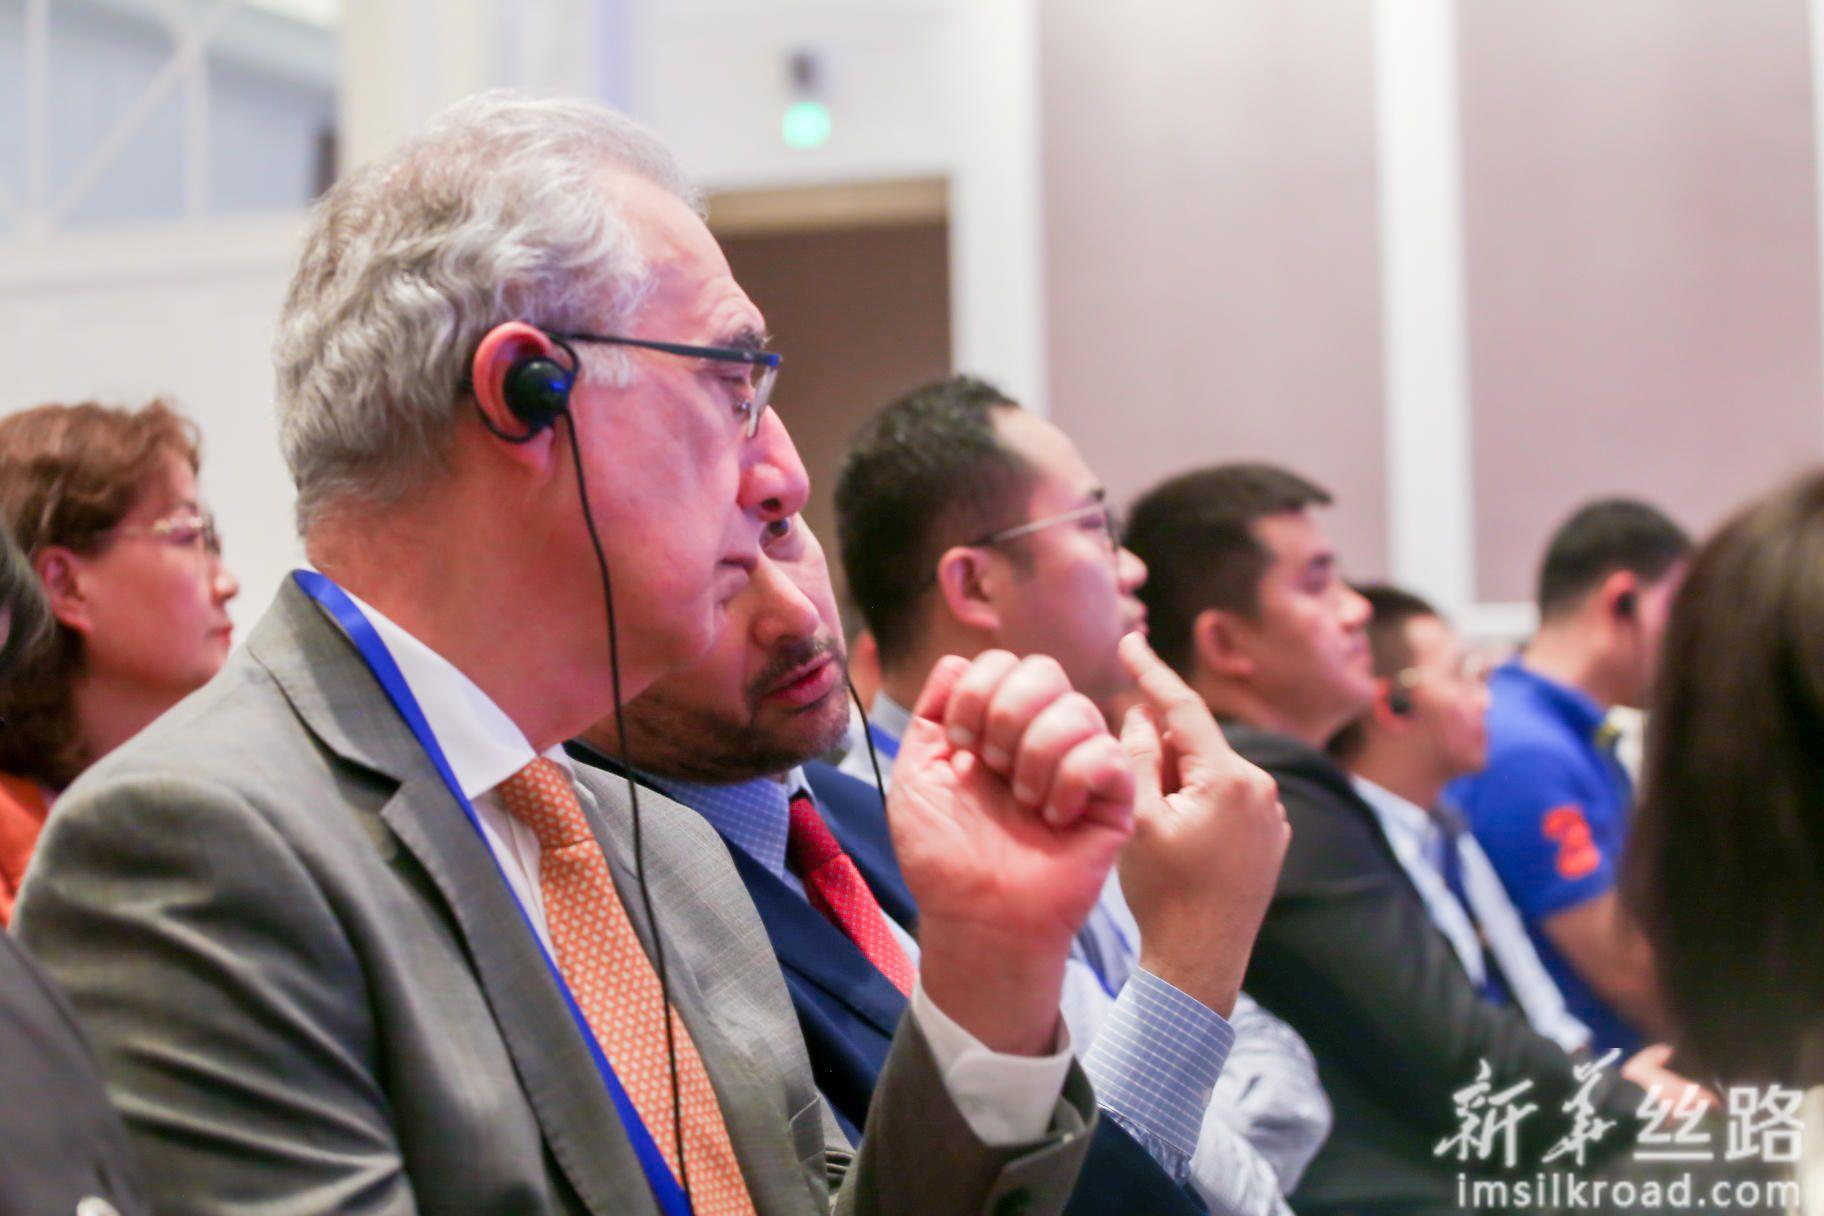 第三届中国—阿拉伯国家工商峰会现场嘉宾。